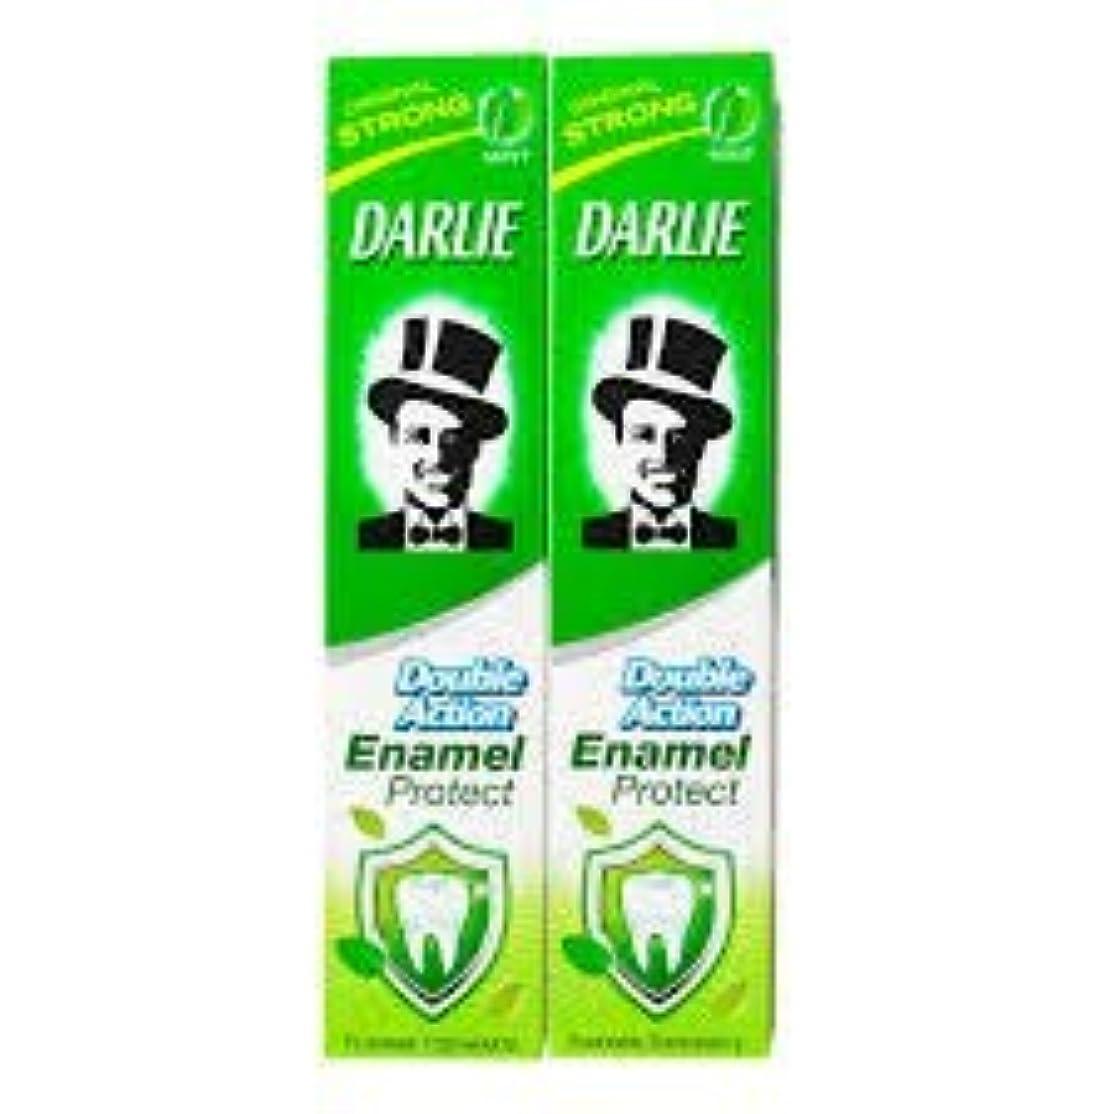 適合可能番号DARLIE 歯磨き粉歯磨き粉二重の役割、保護エナメル強いミント2×220ケ - あなたの歯を強化し、防御の最前線